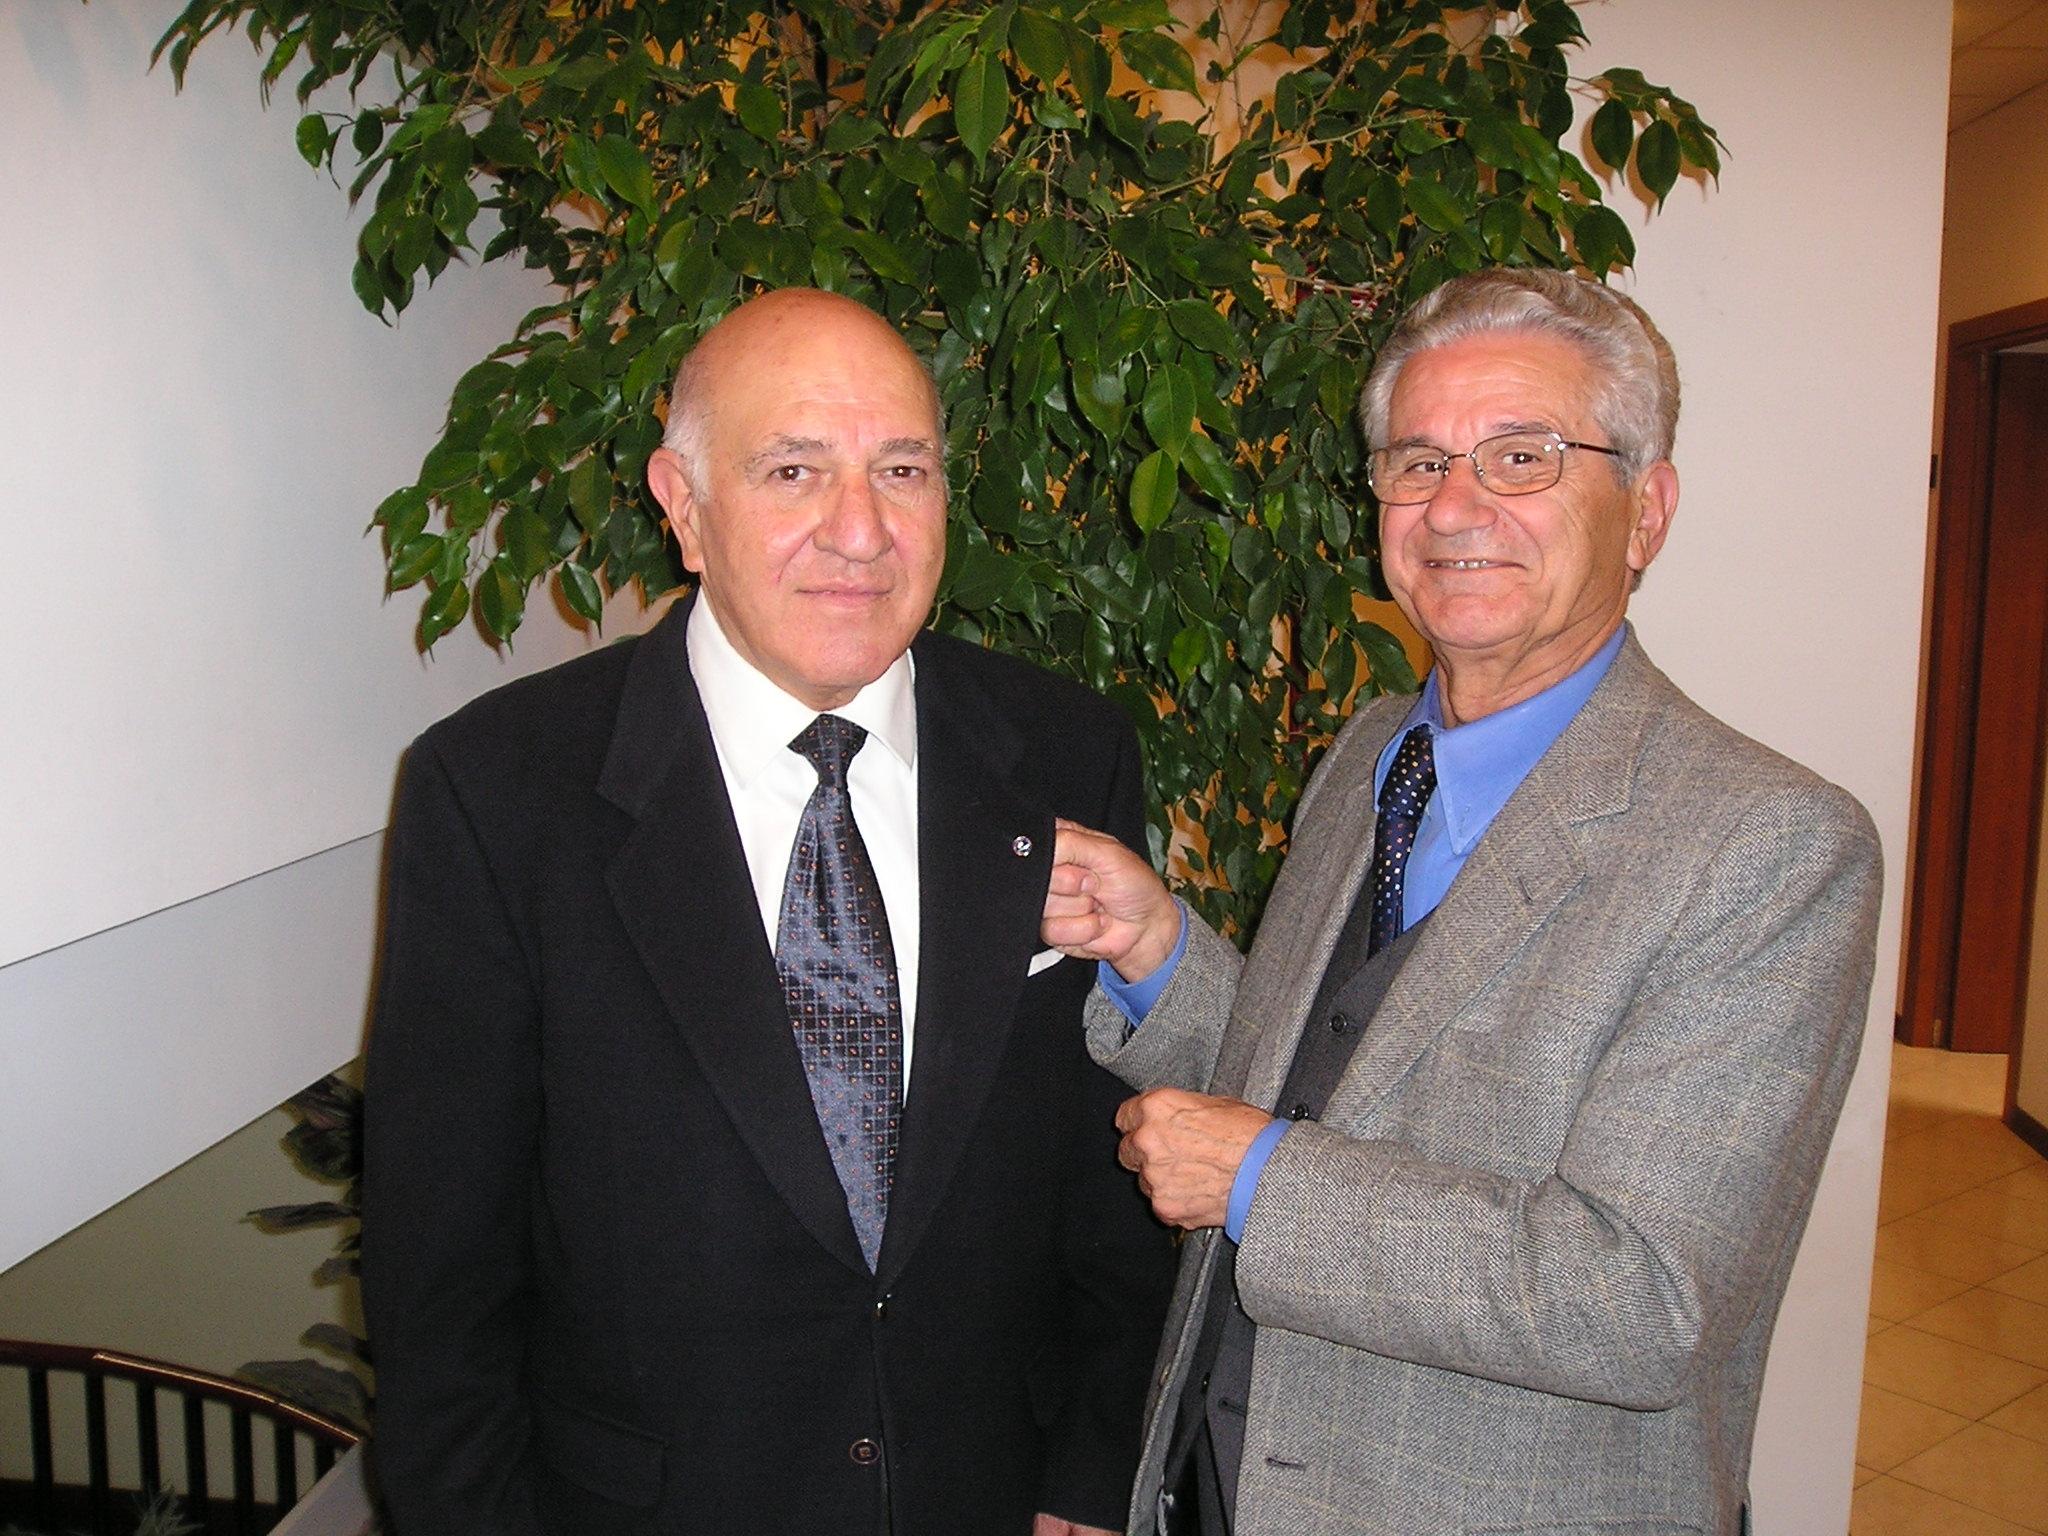 il cav. Agenore Tomassini e il comm. Elio Carletti presidente U.N.C.I. Cavalieri d'Italia sezione di Perugia